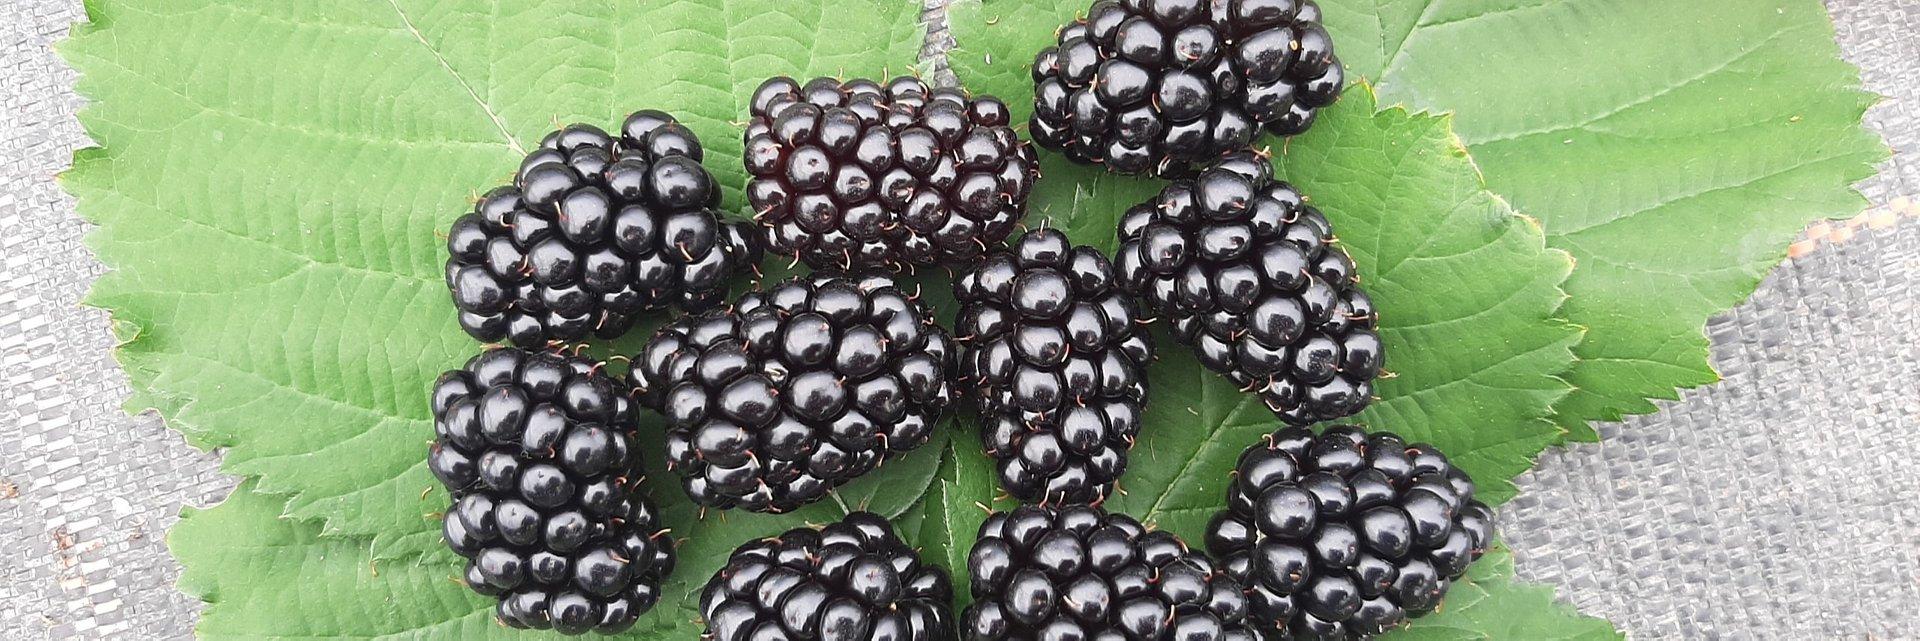 Jeżyny - zdrowy owoc pełen tajemnic